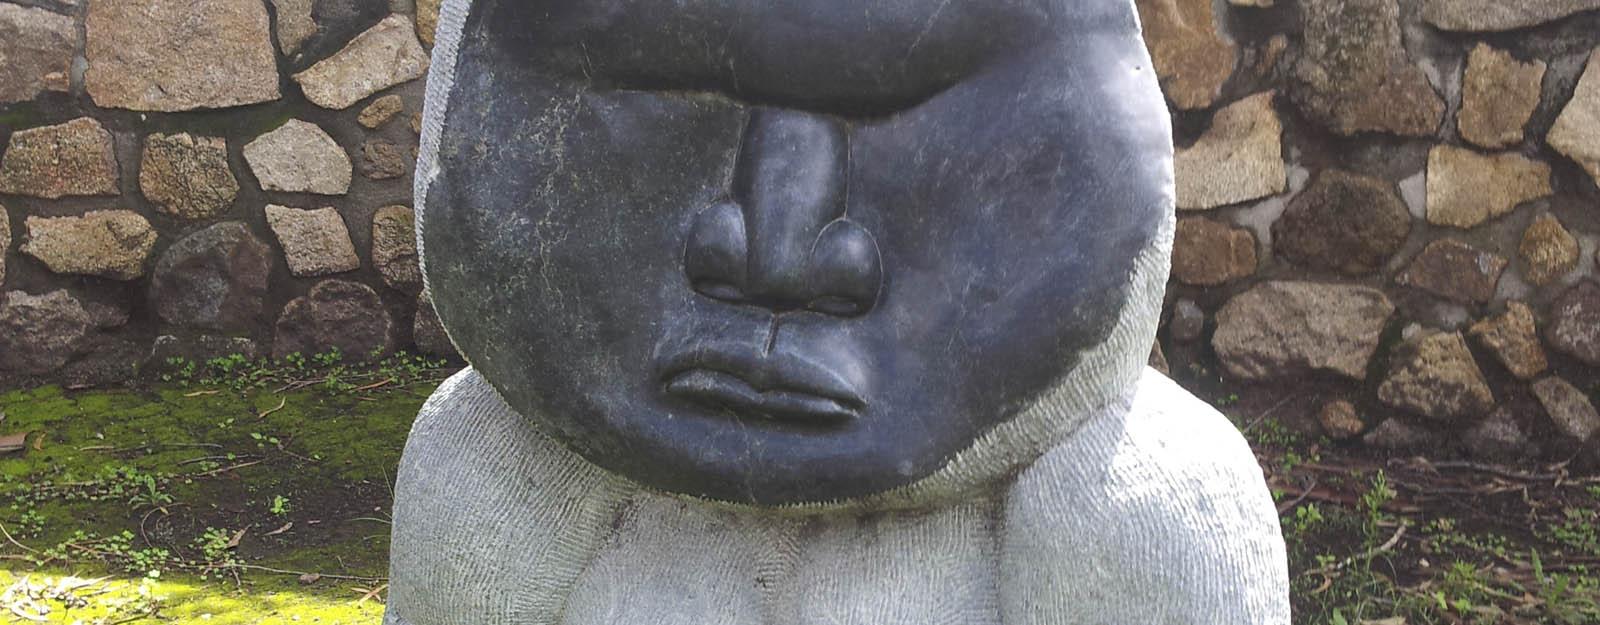 bernard matemera sculpture